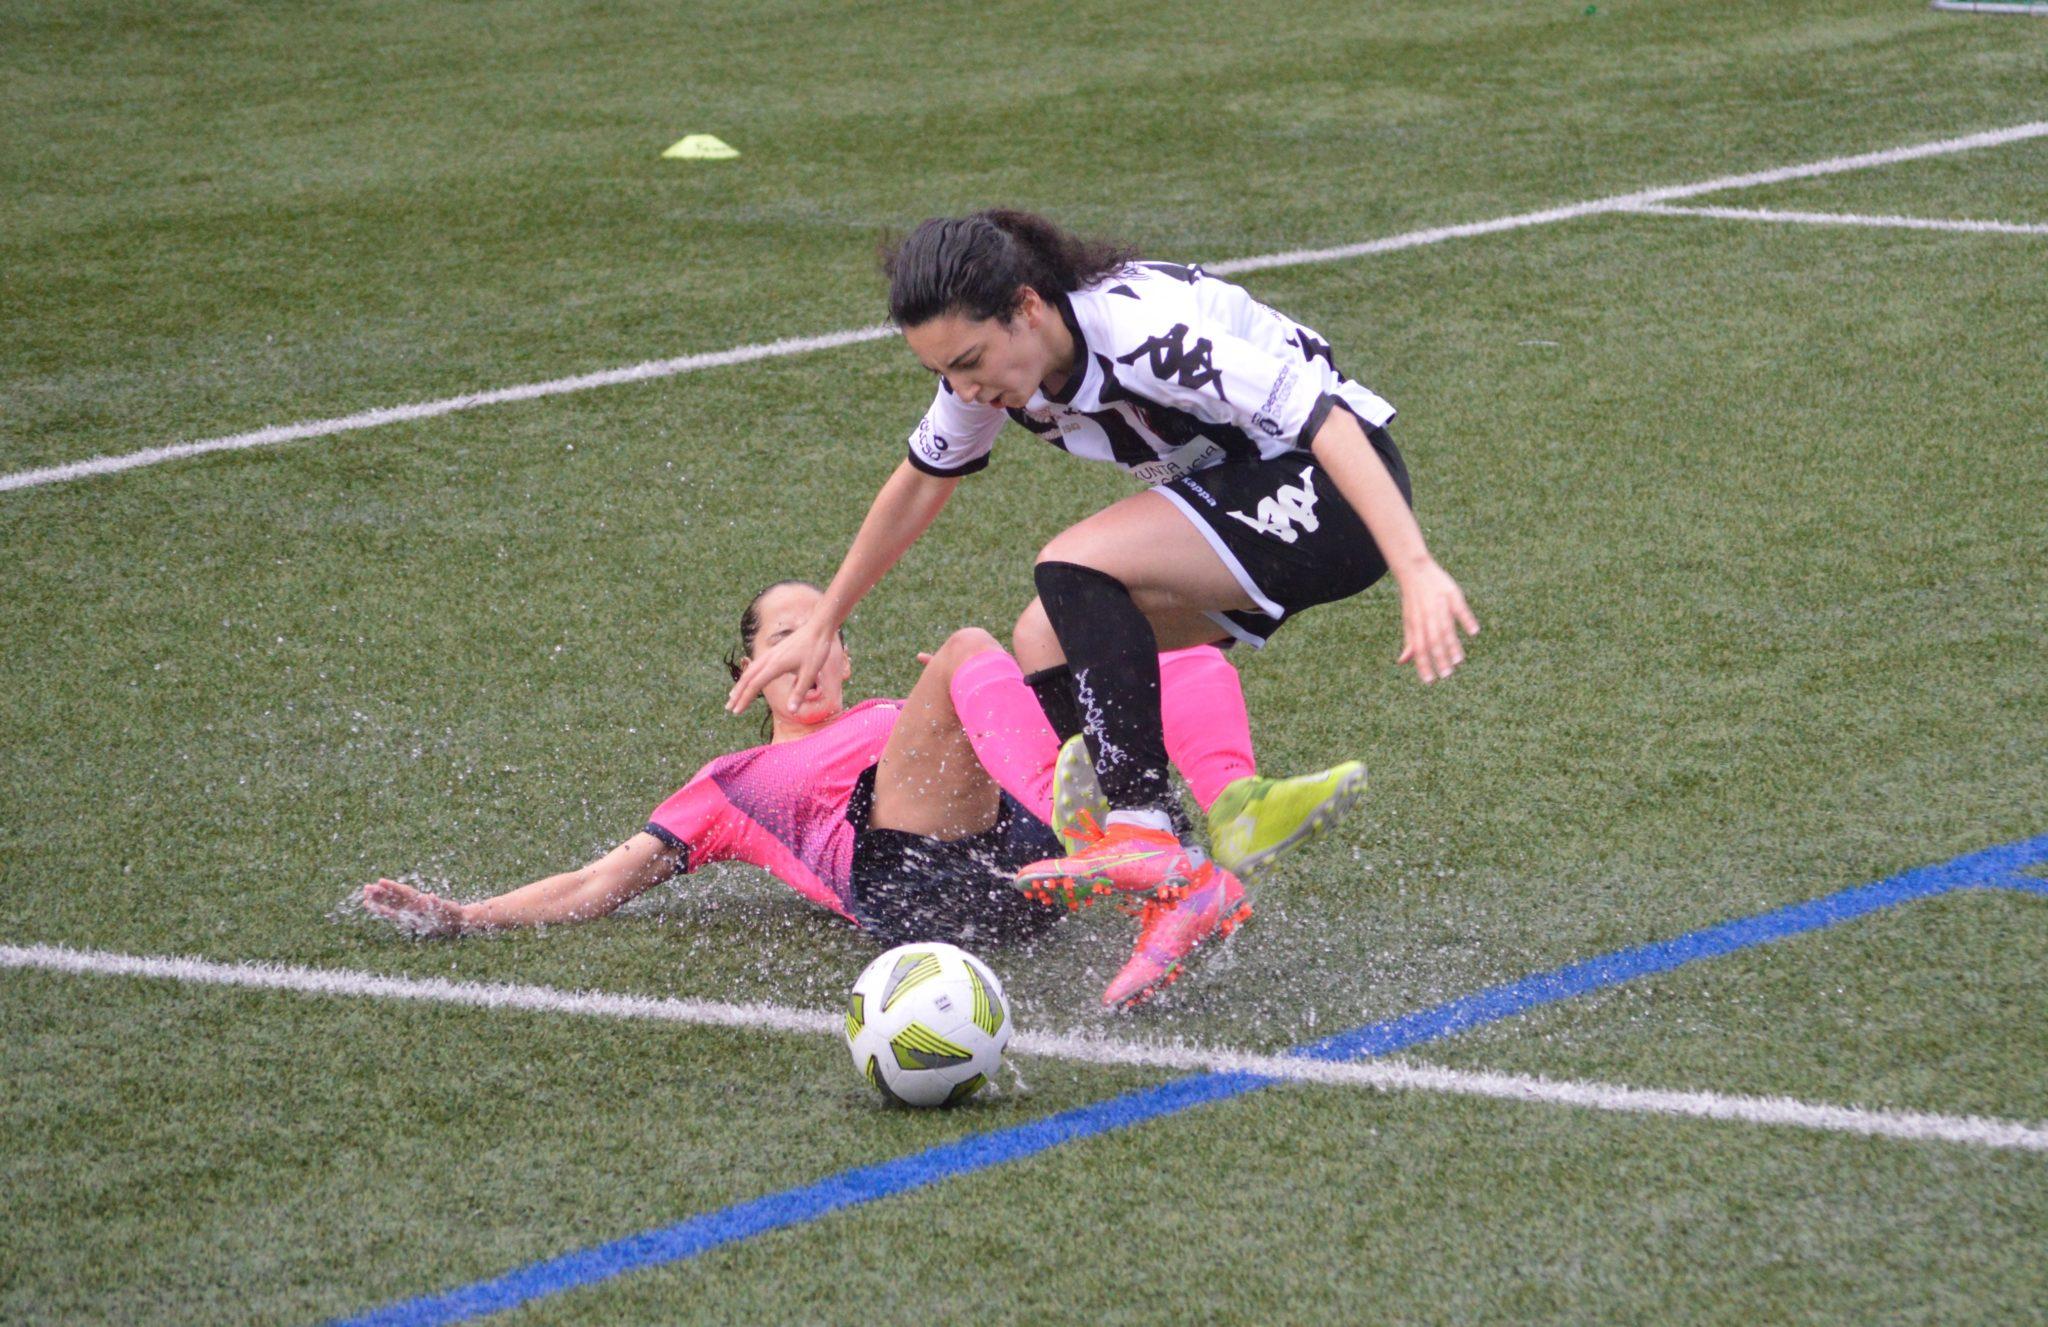 Falta sobre María, que o equipo arbitral non considerou penalti / VICTORIA CF